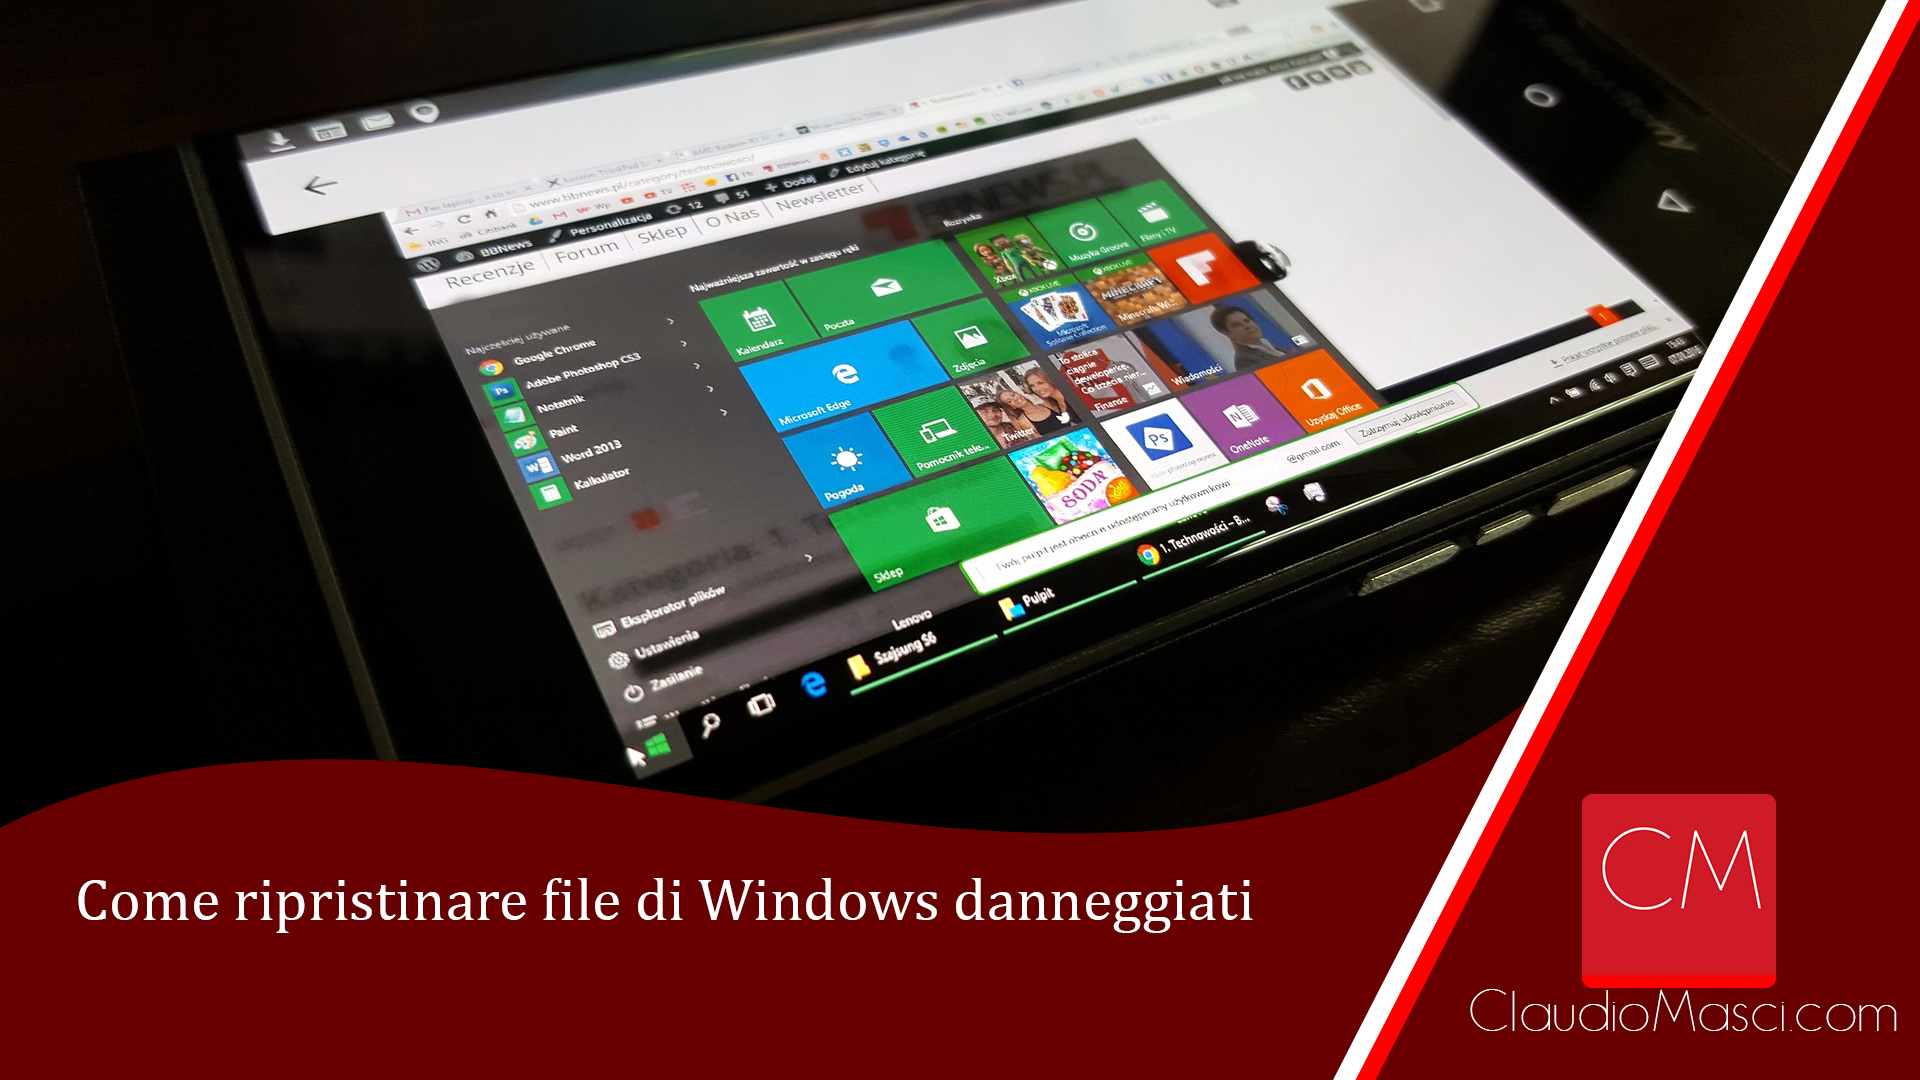 Come ripristinare file di Windows danneggiati